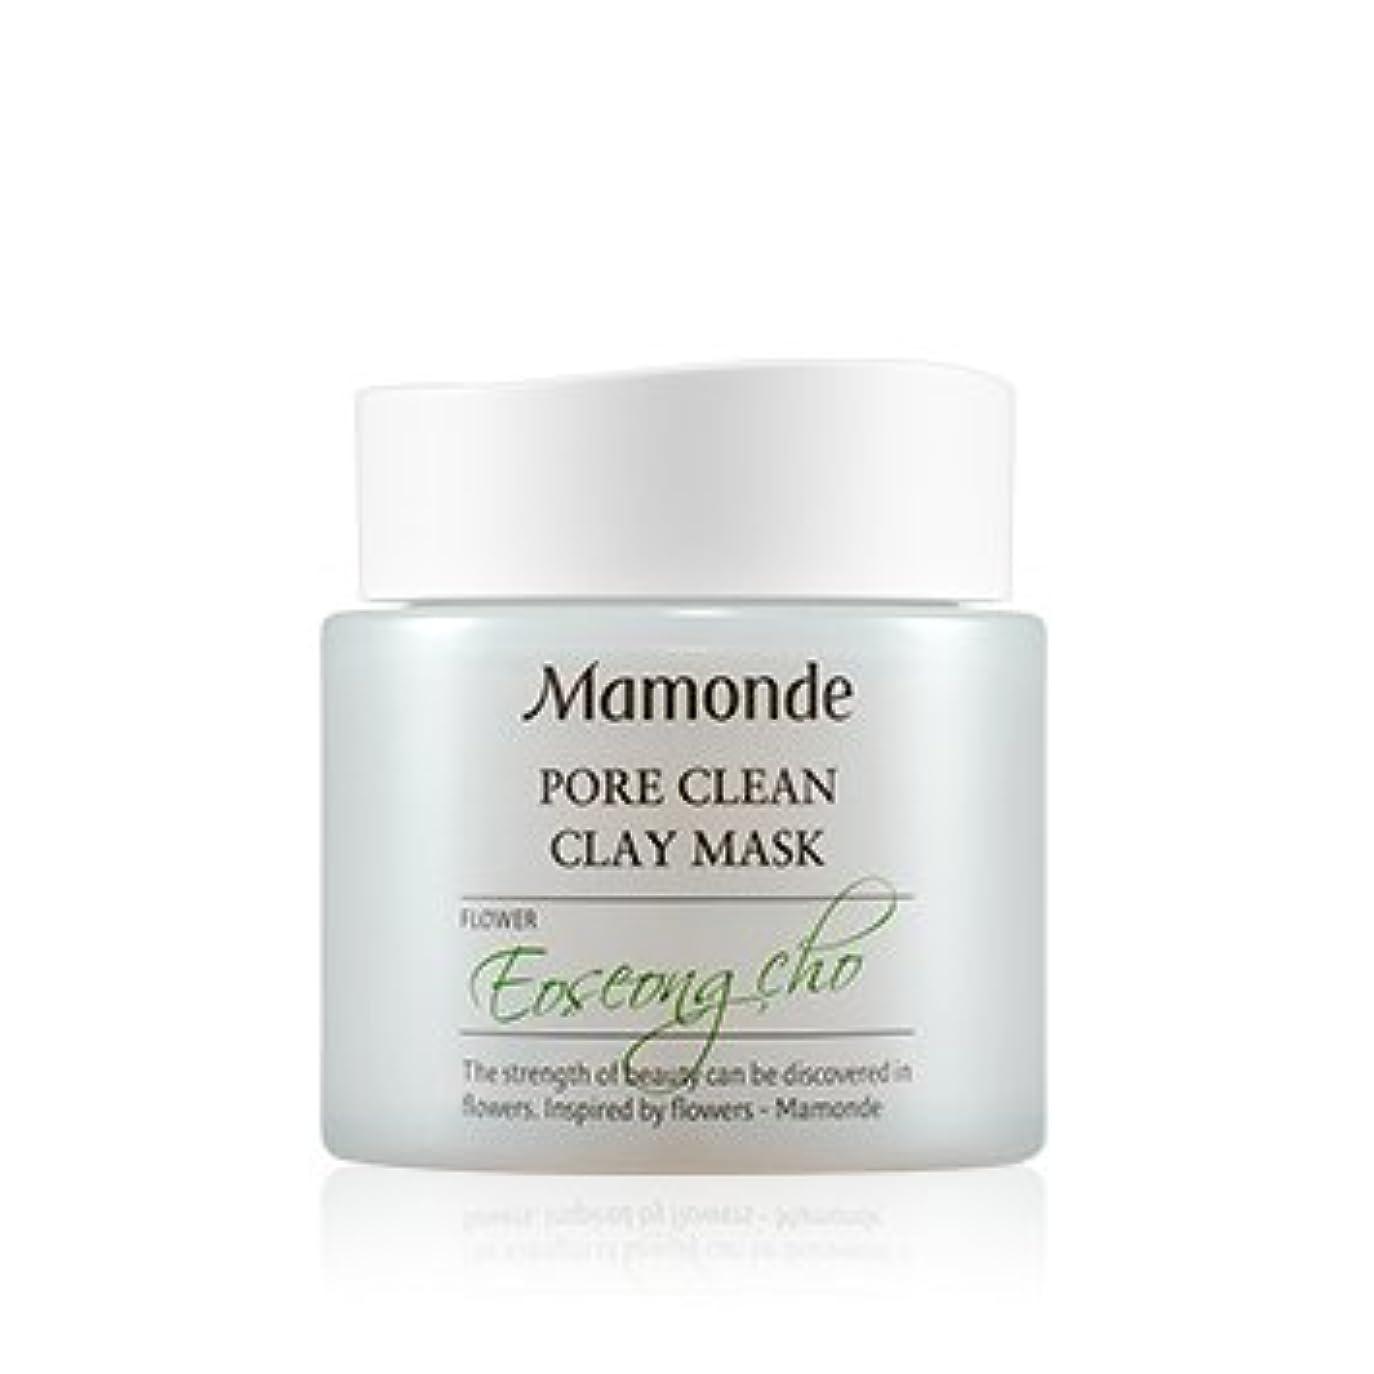 カトリック教徒然とした例示する[New] Mamonde Pore Clean Clay Mask 100ml/マモンド ポア クリーン クレイ マスク 100ml [並行輸入品]